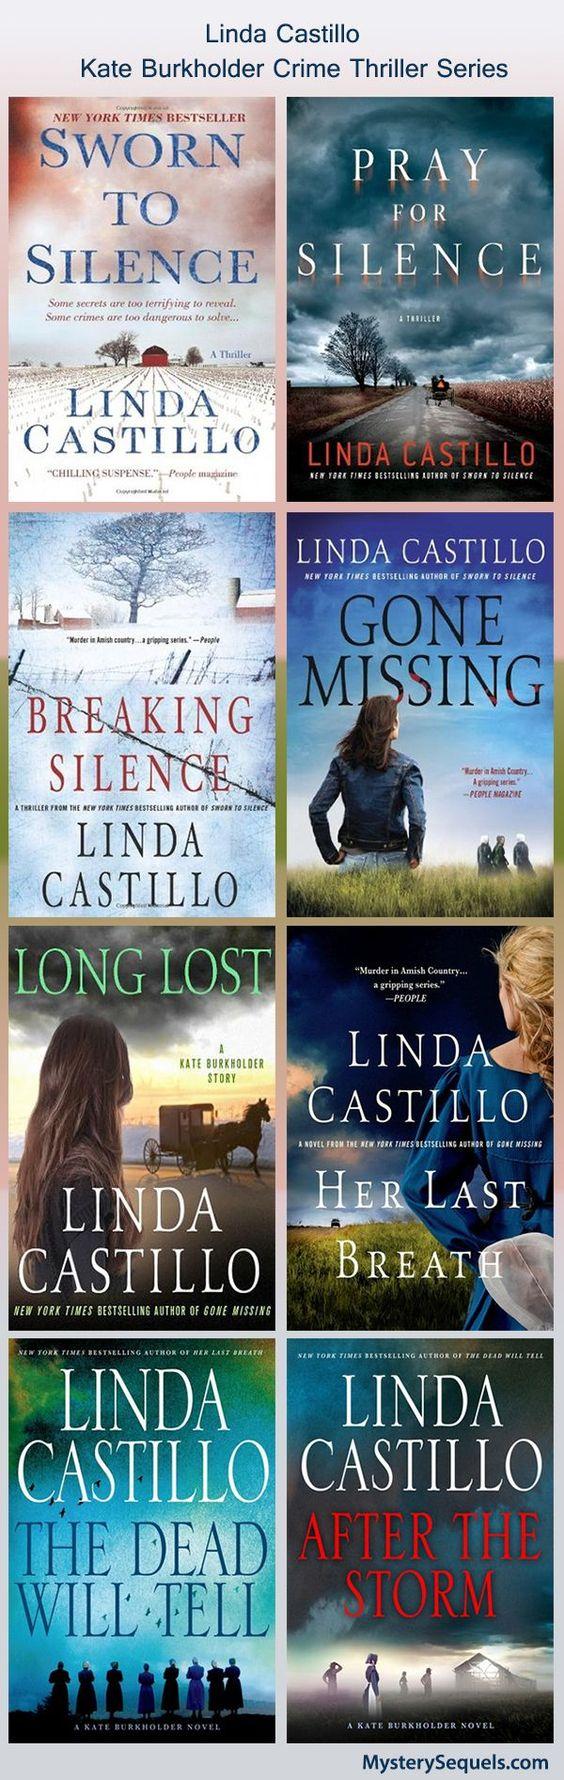 Linda Castillo - Kate Burkholder crime thriller series